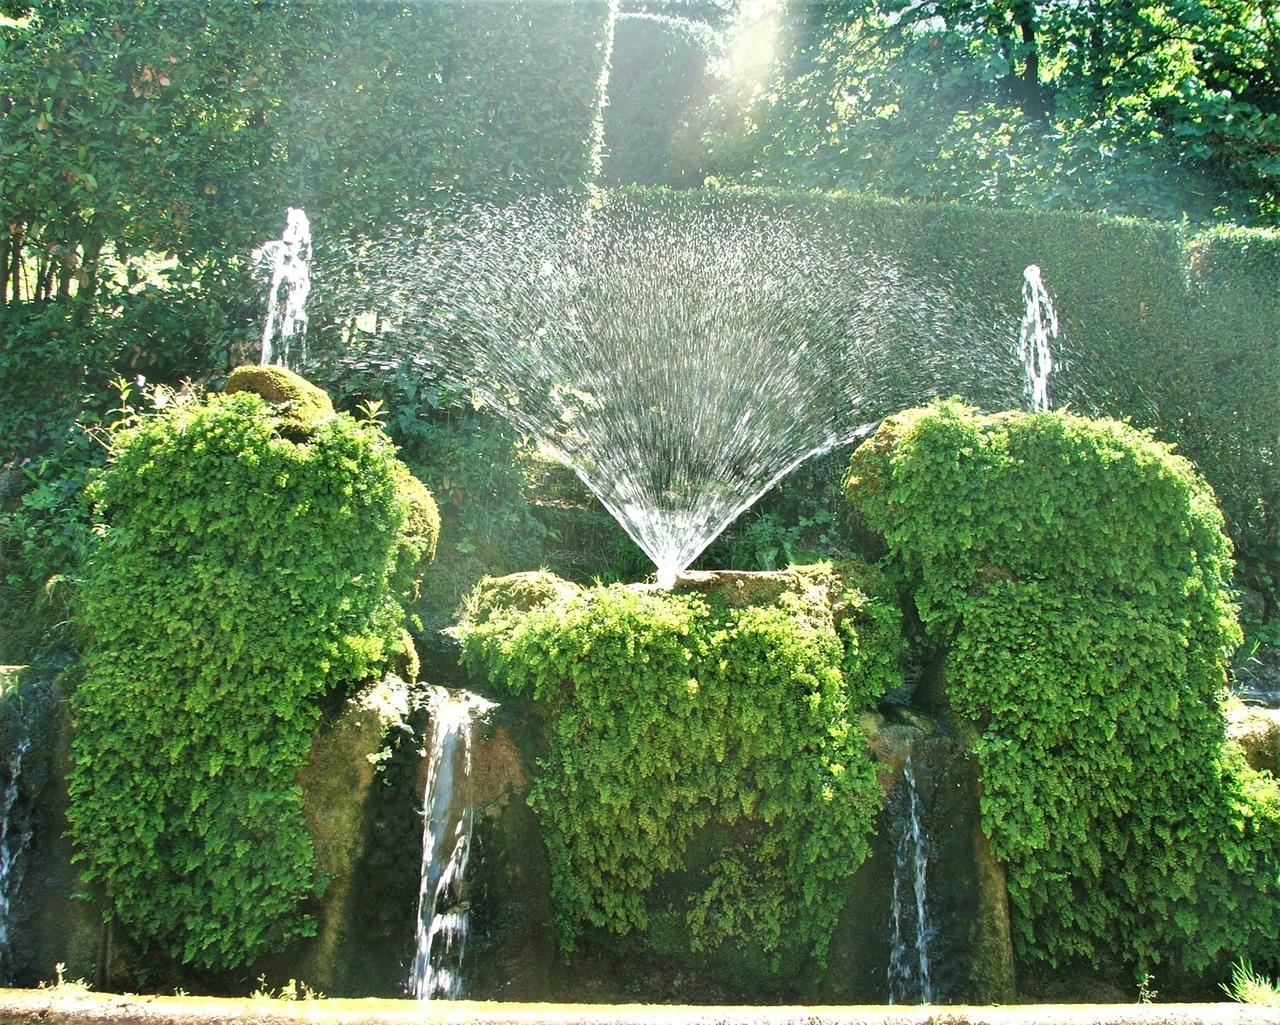 Самая красивая вилла в мире - вилла д'Эсте Тиволи, виллы, фонтан, парка, Фонтан, после, смерти, сложный, самой, вилле, войны, Ипполито, настолько, д&039Эсте, весьма, фонтанты, кстати, Главный, работают, главная